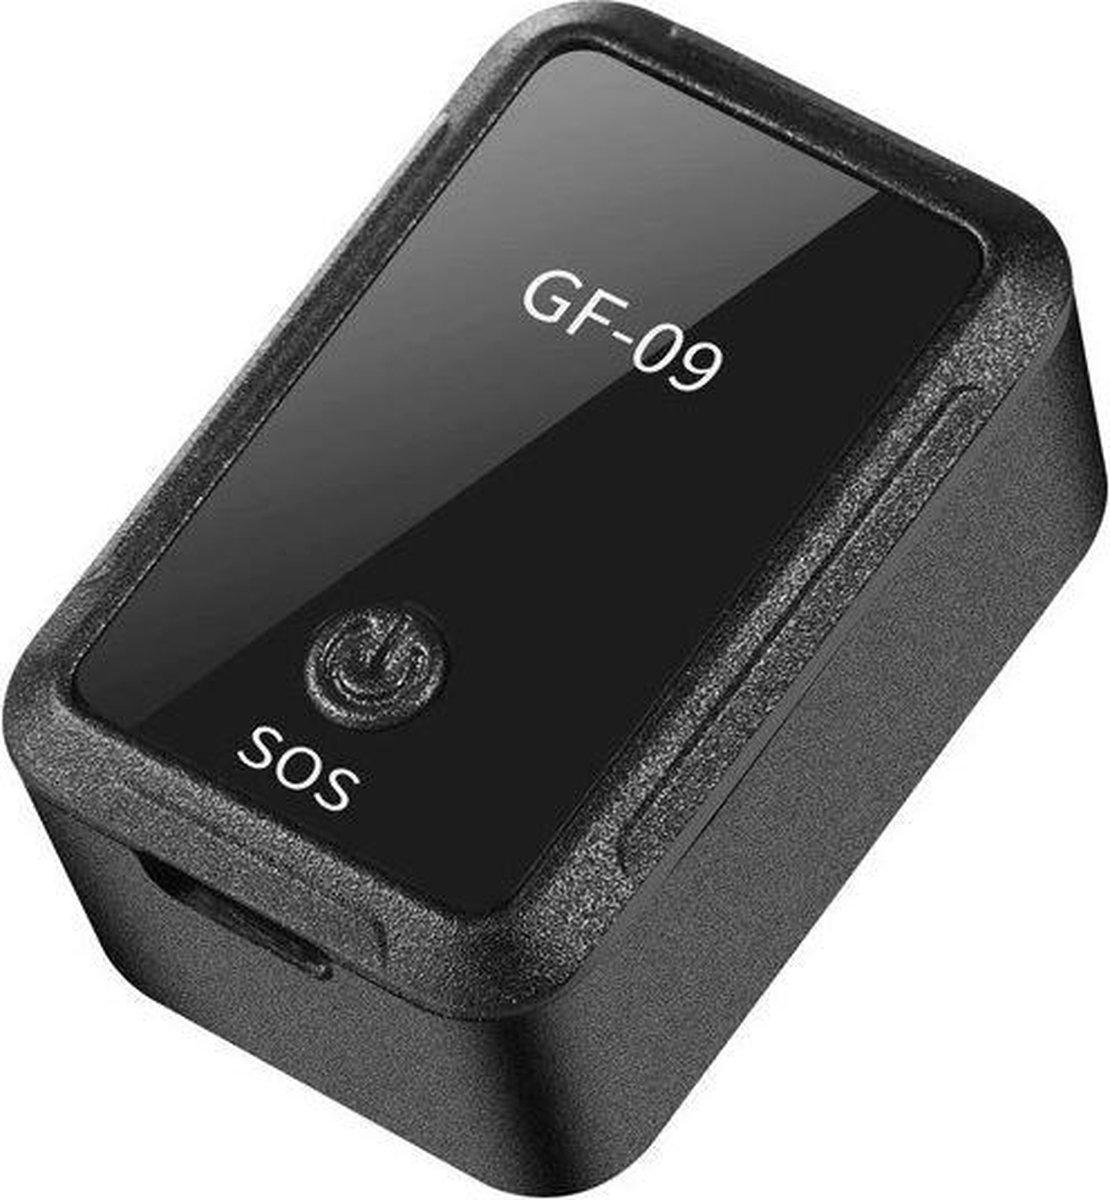 Mini GPS Tracker   kinderen   Ouderen   Sleutels   Portemonnee  GSM GPS Live Outdoor Anti Verloren GPS Tracker Locator   App voor IOS en Android